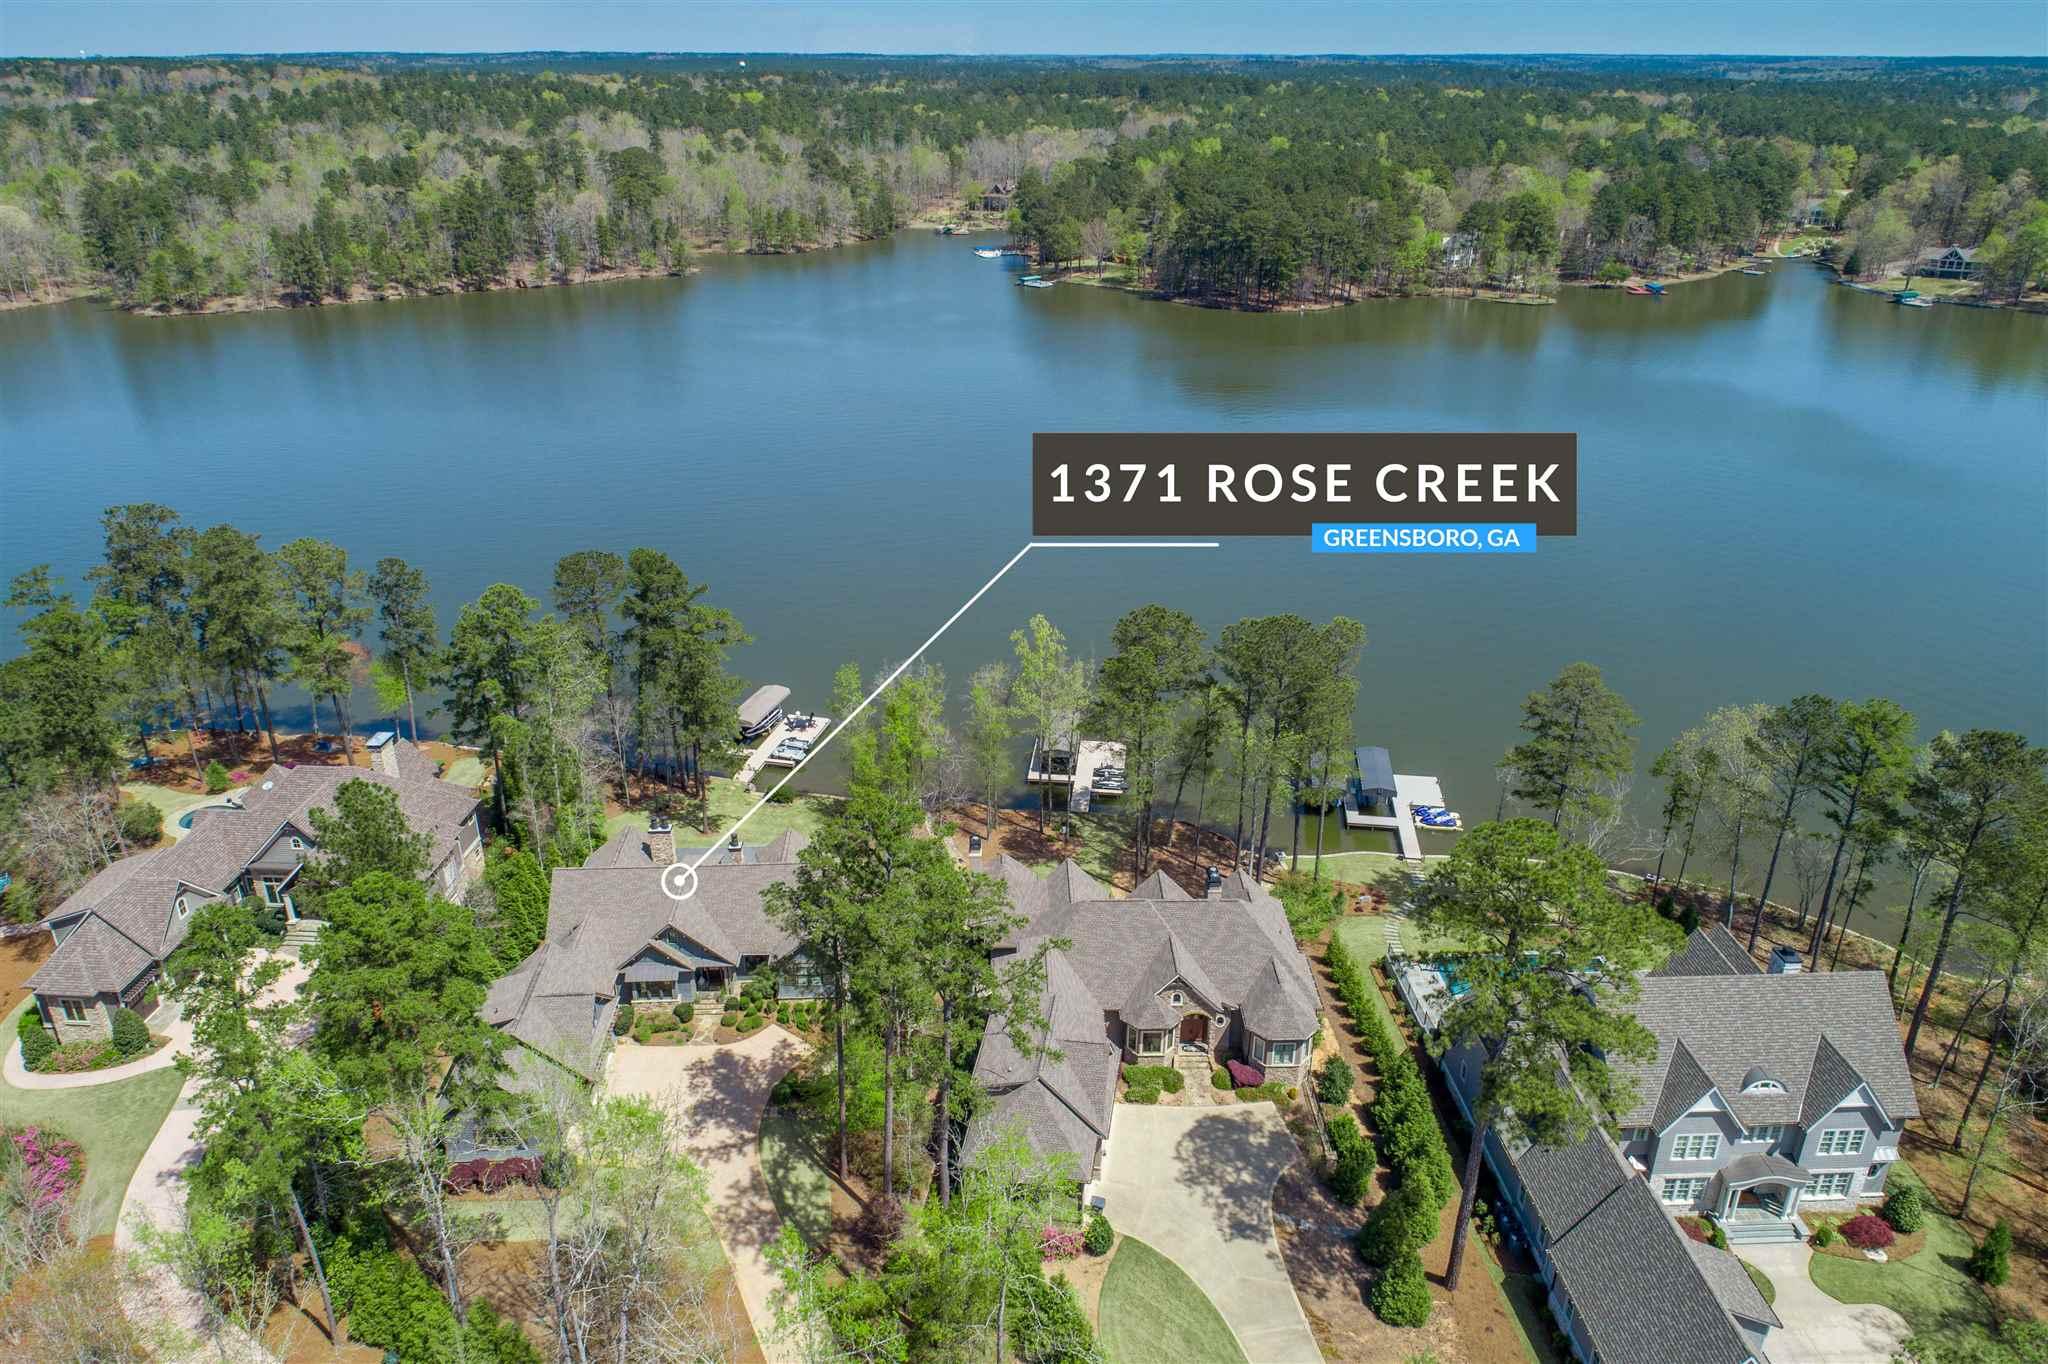 1371 ROSE CREEK ROAD, Lake Oconee, Georgia